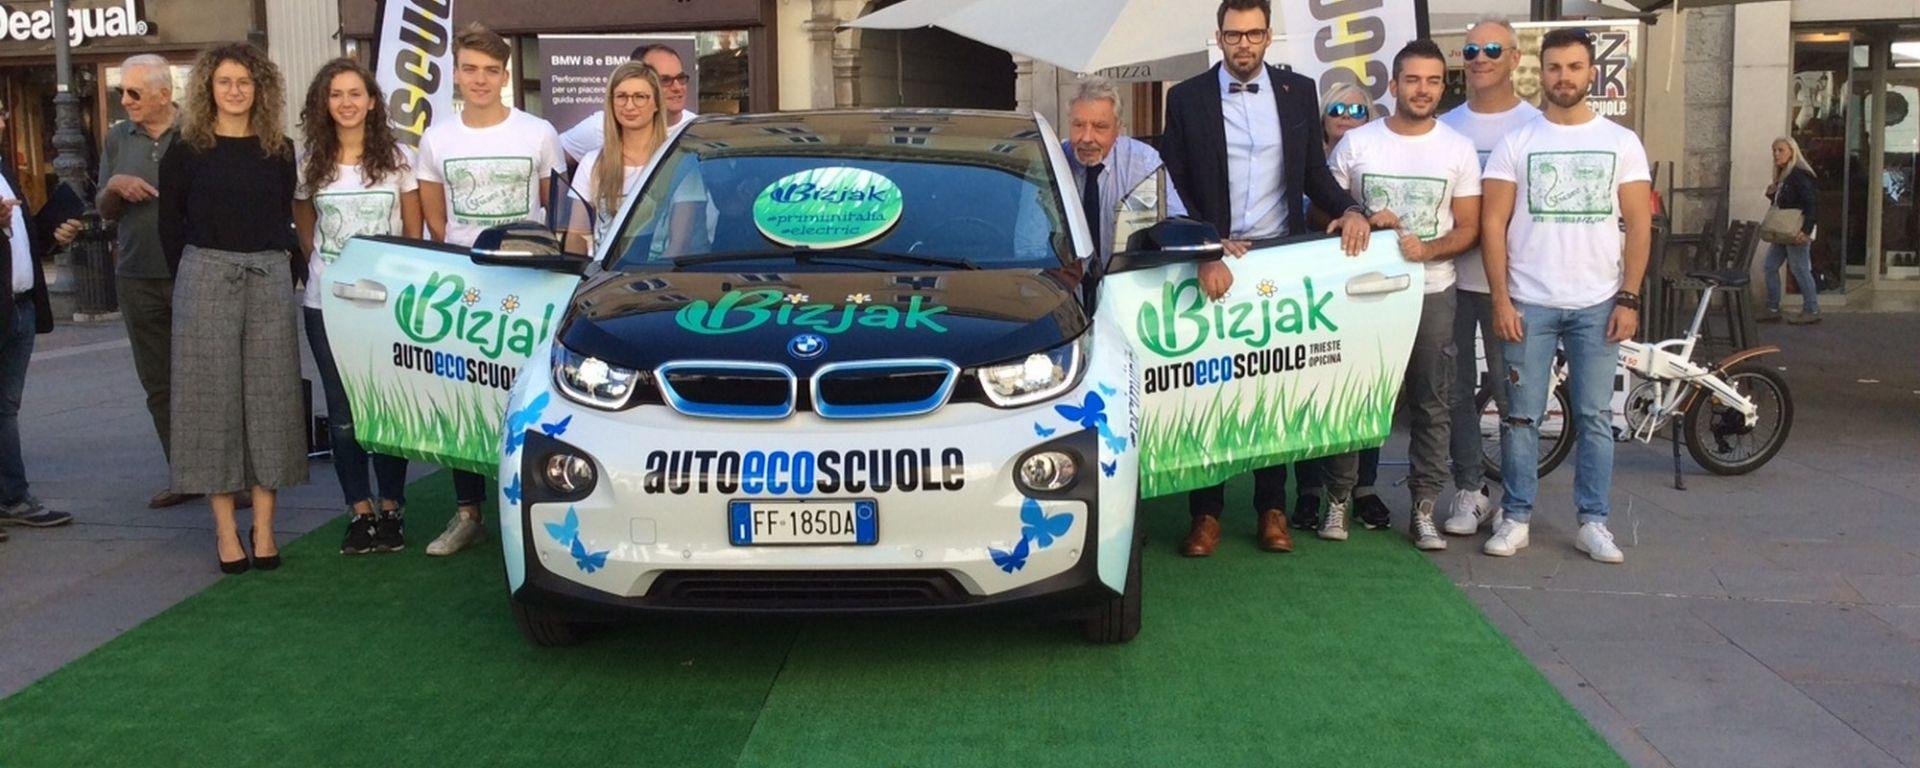 Autoscuole Bizjak, prima assoluta di scuola guida con auto elettrica